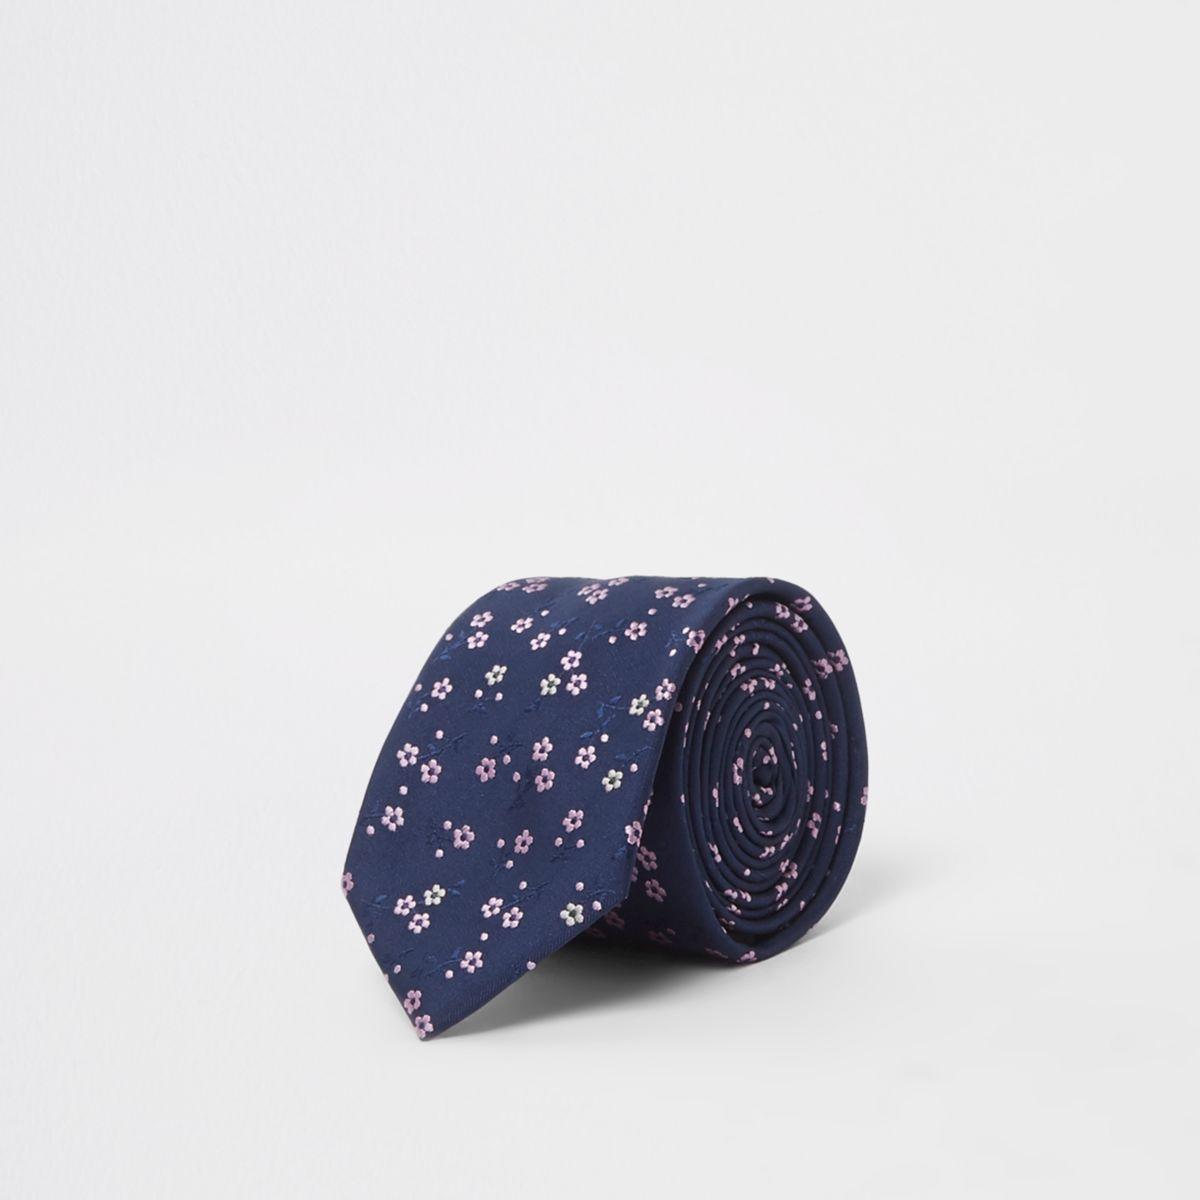 Navy ditsy floral tie